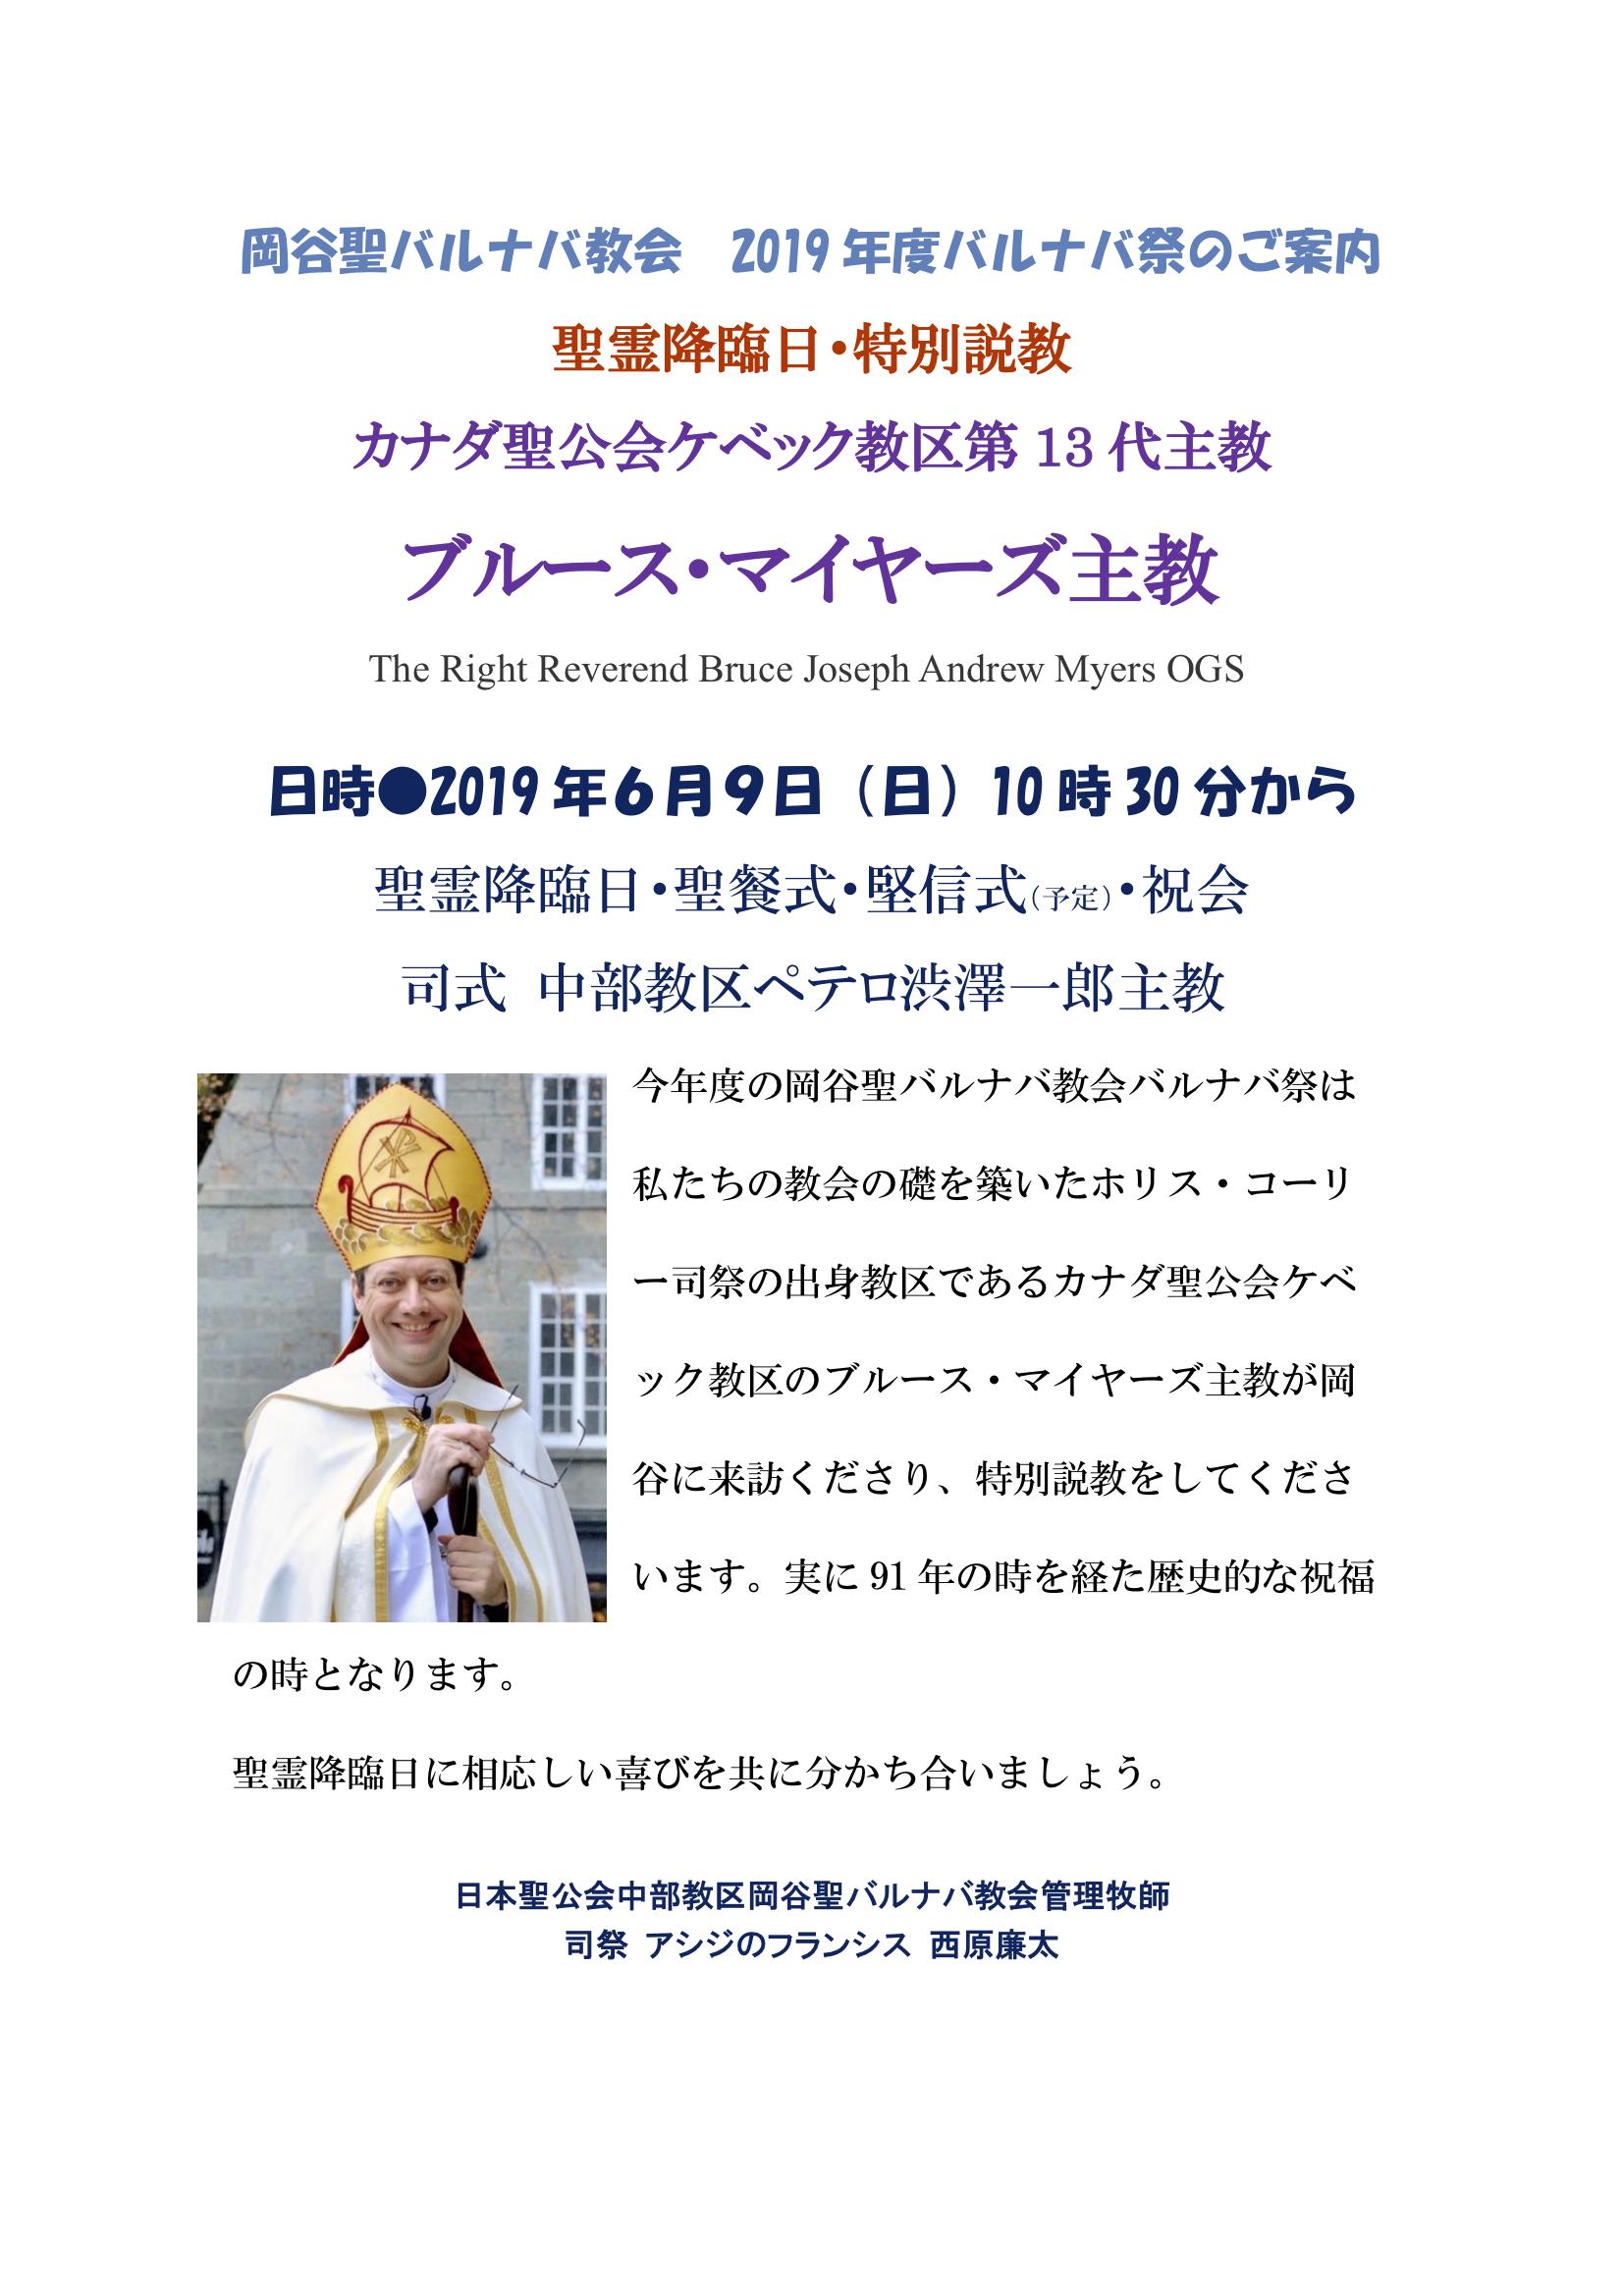 岡谷聖バルナバ教会2019年度バルナバ祭のご案内